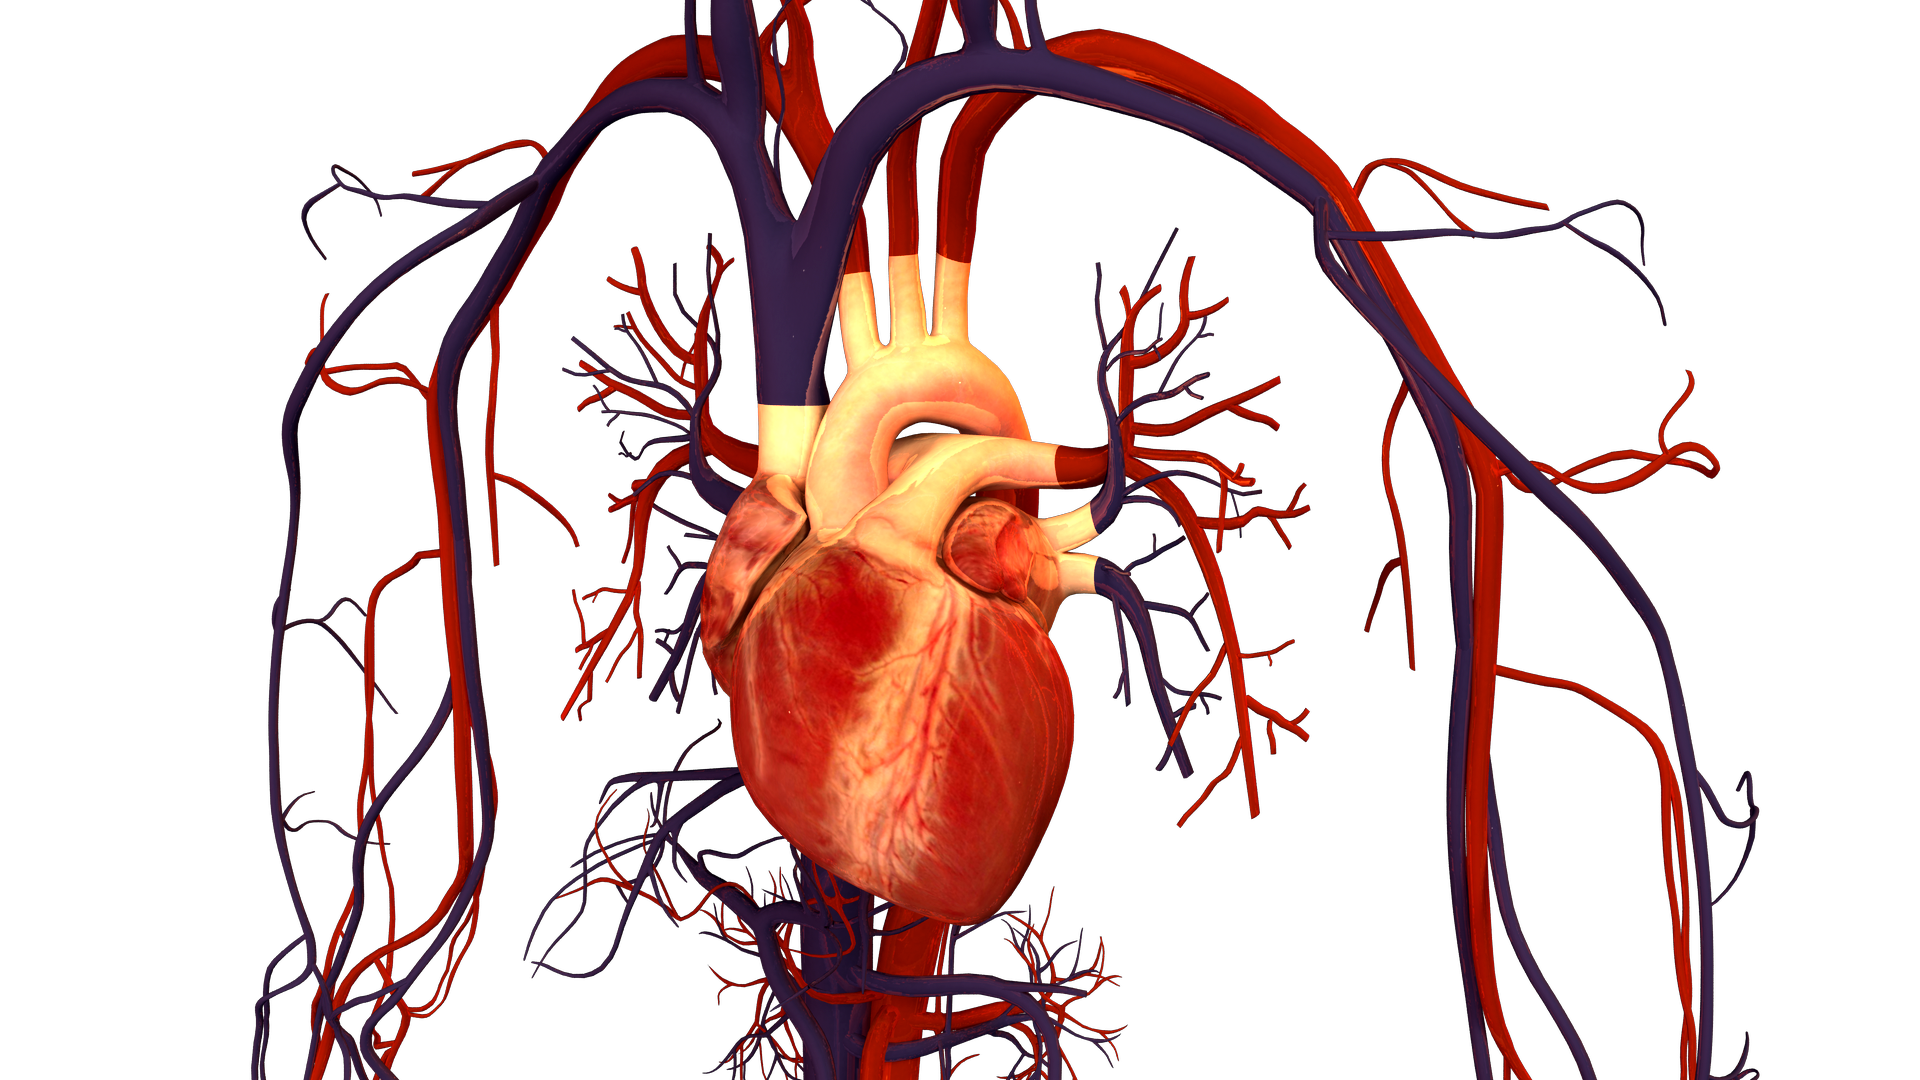 Žmogaus širdis ir kraujotakos sistema. (wikihow.org nuotr.)